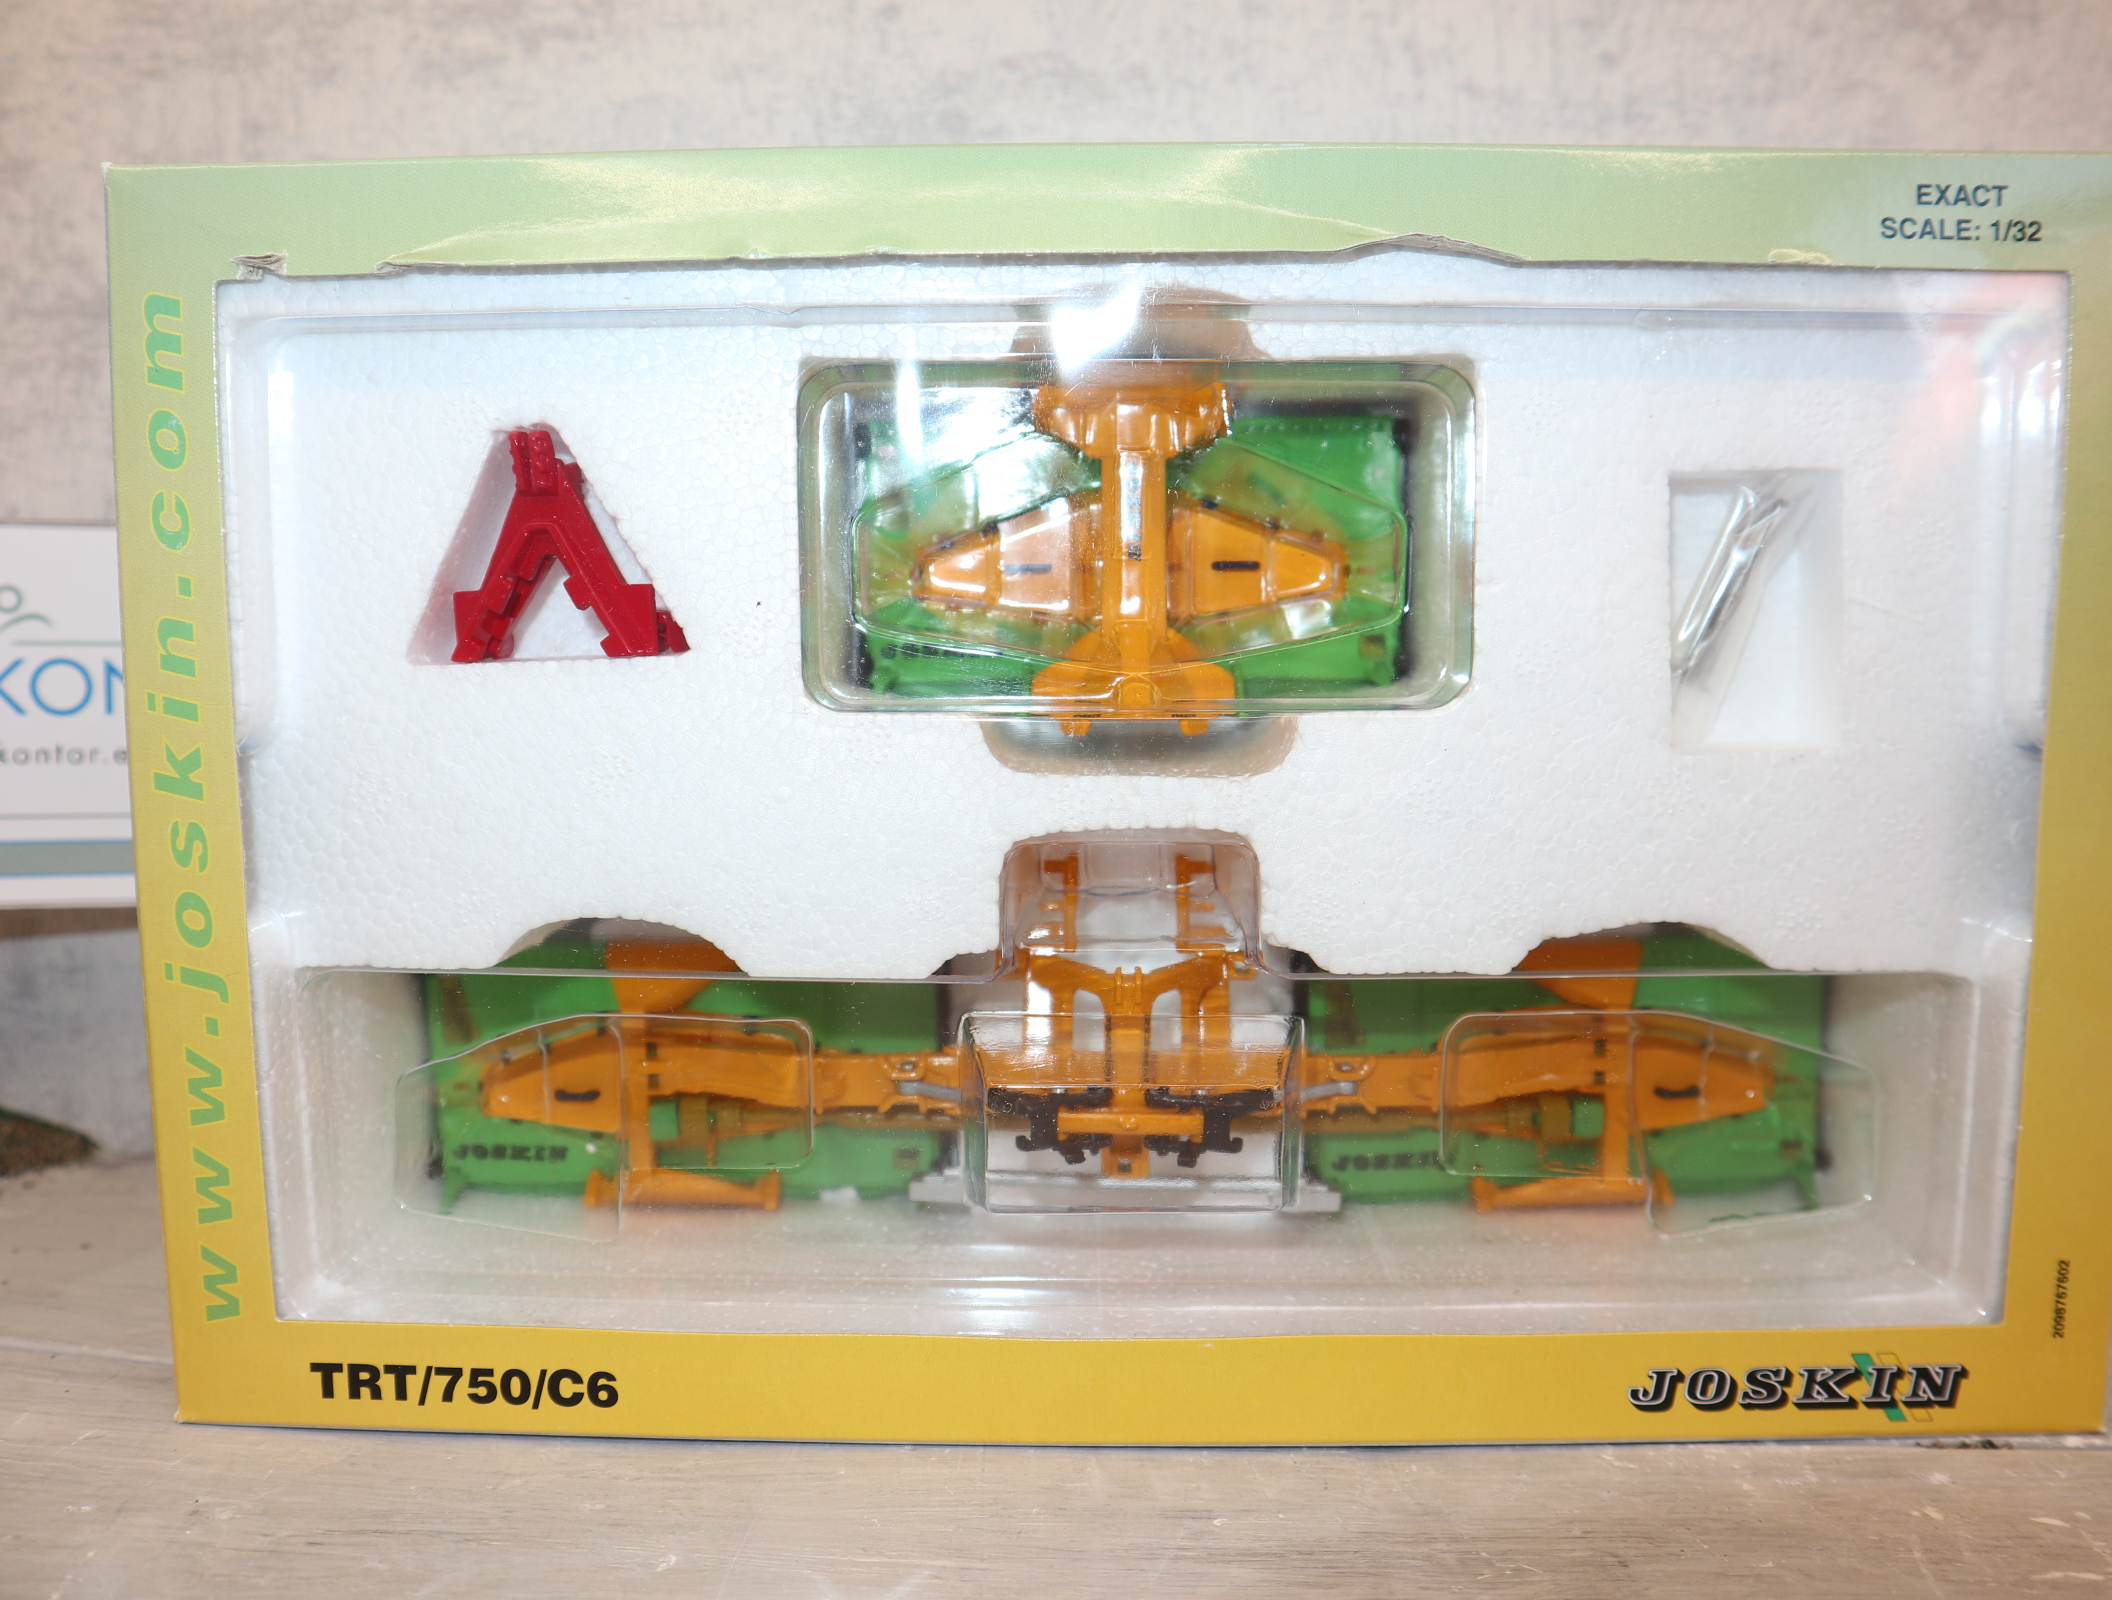 ROS 60301 in 1:32 Joskin TRT 750 C6 Mähwerk